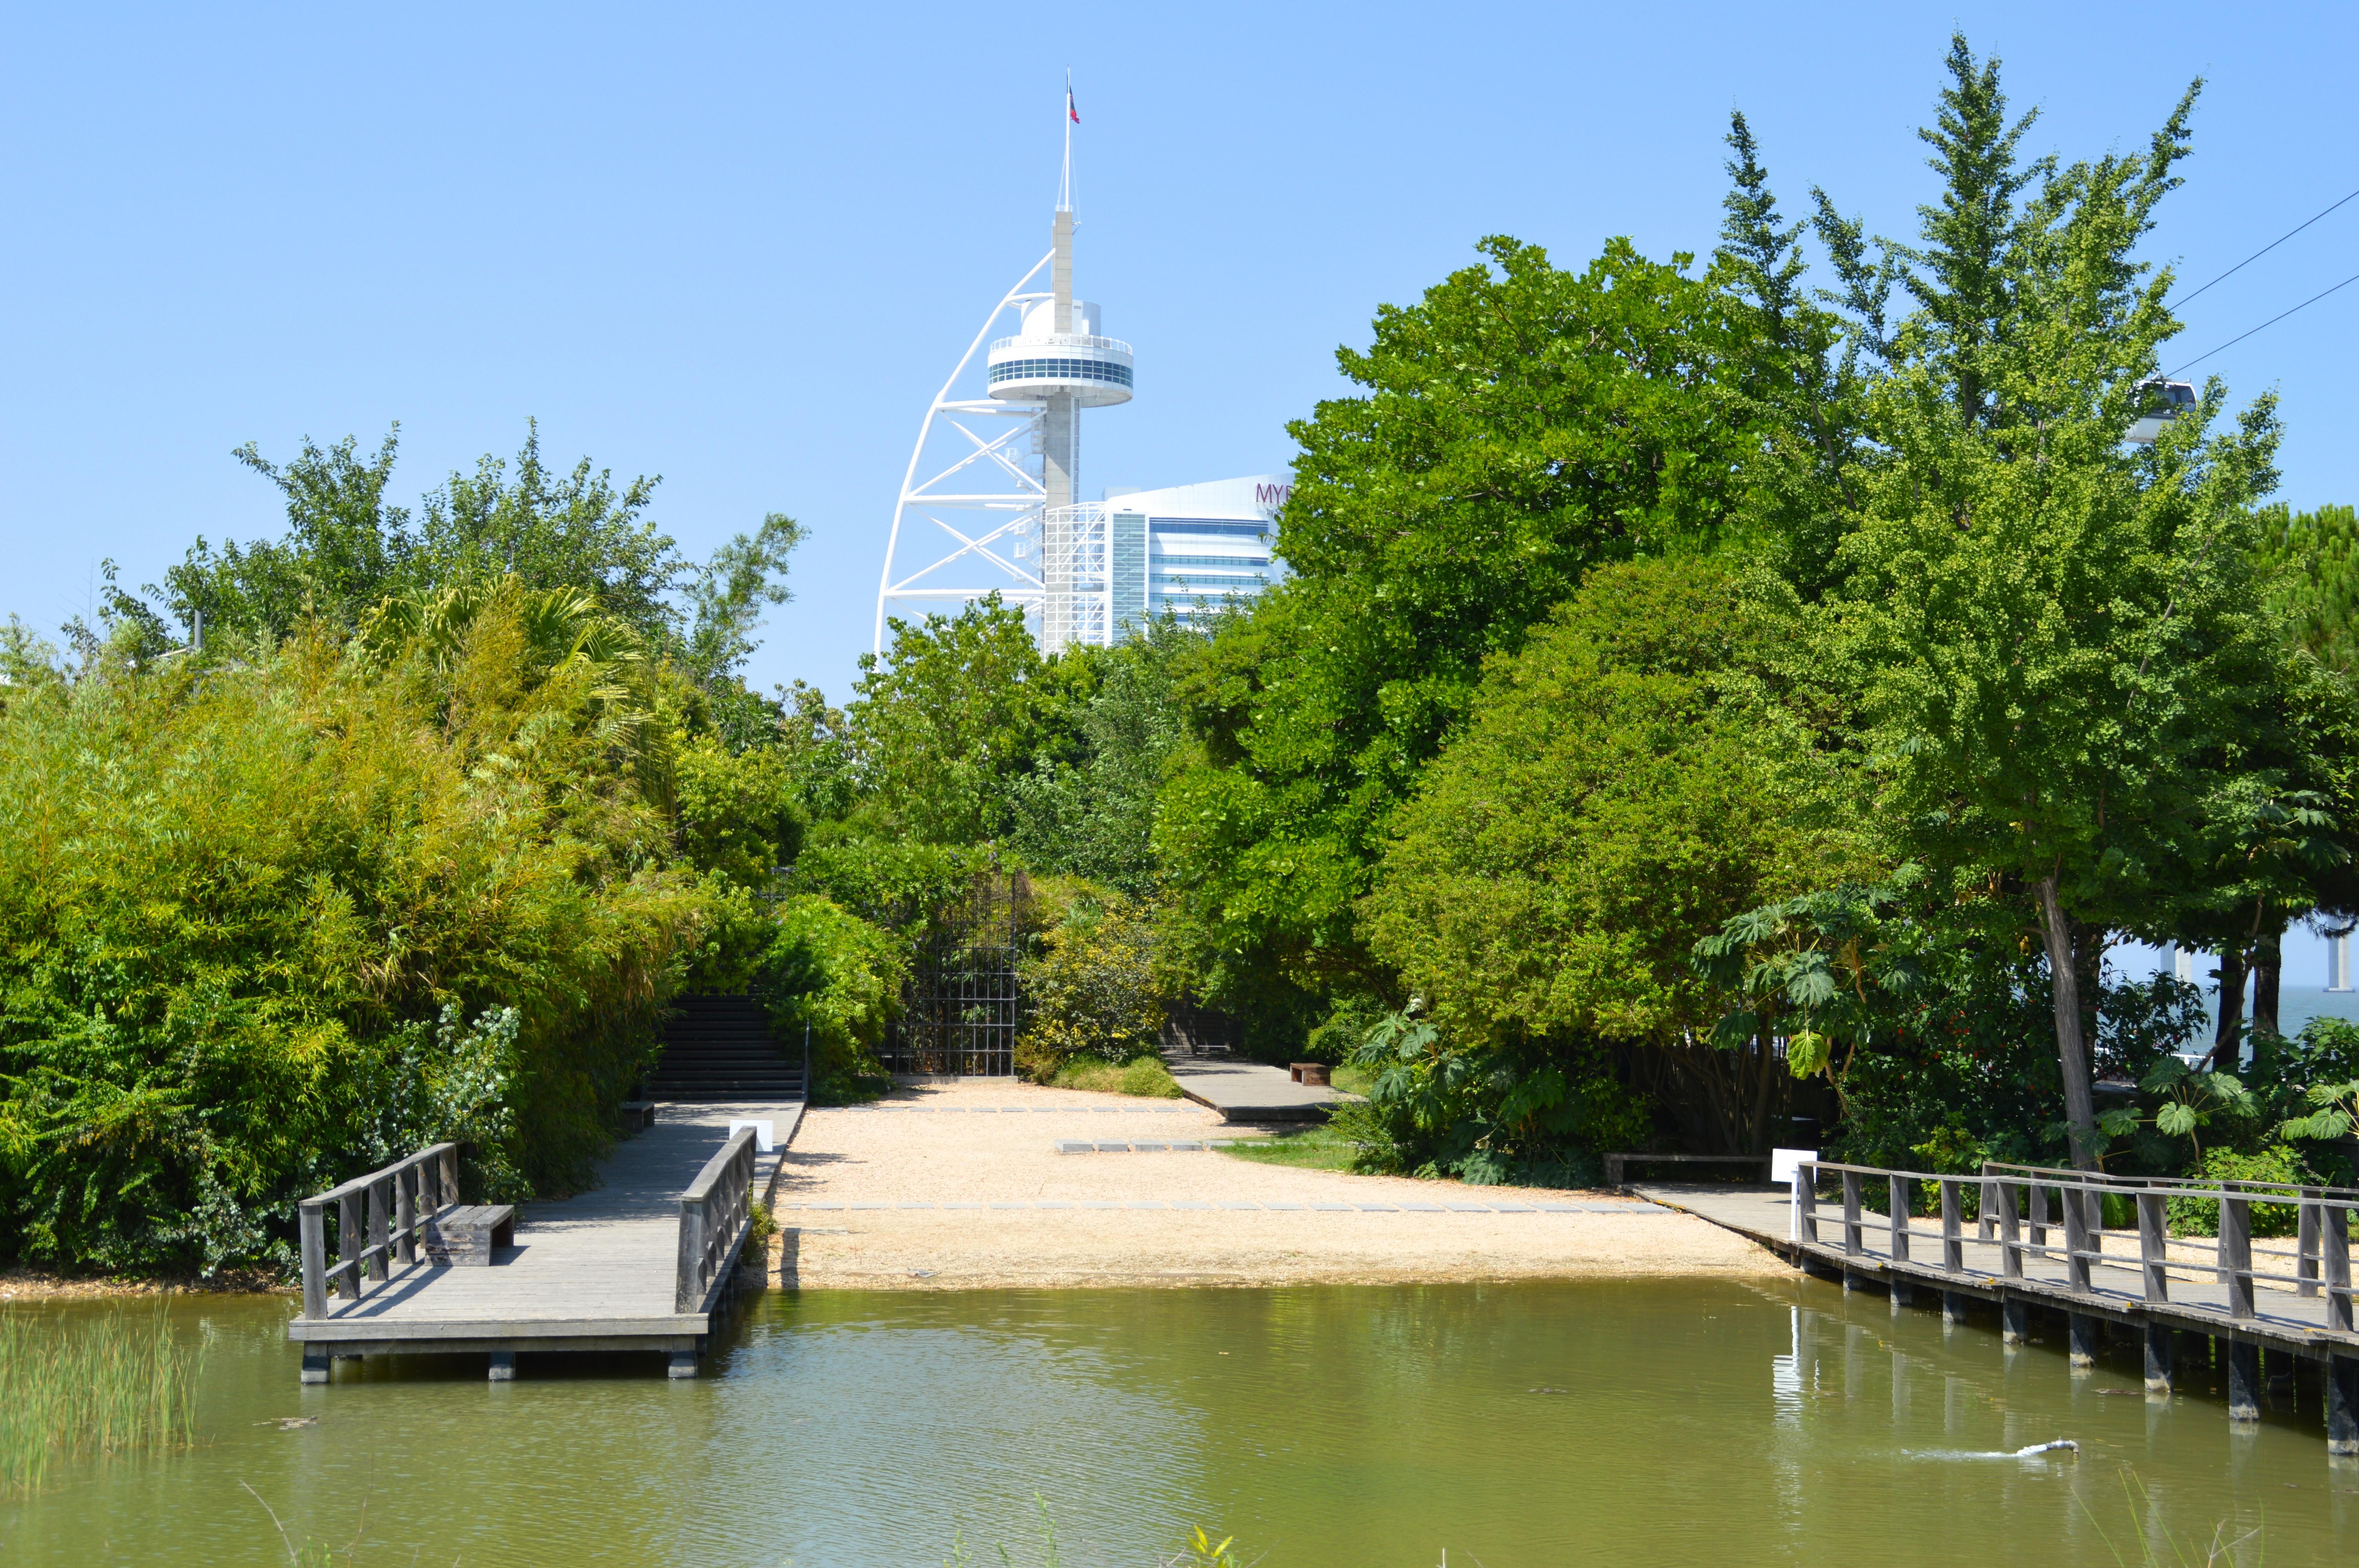 Jardins Garcia da Orta, Parque das Nações